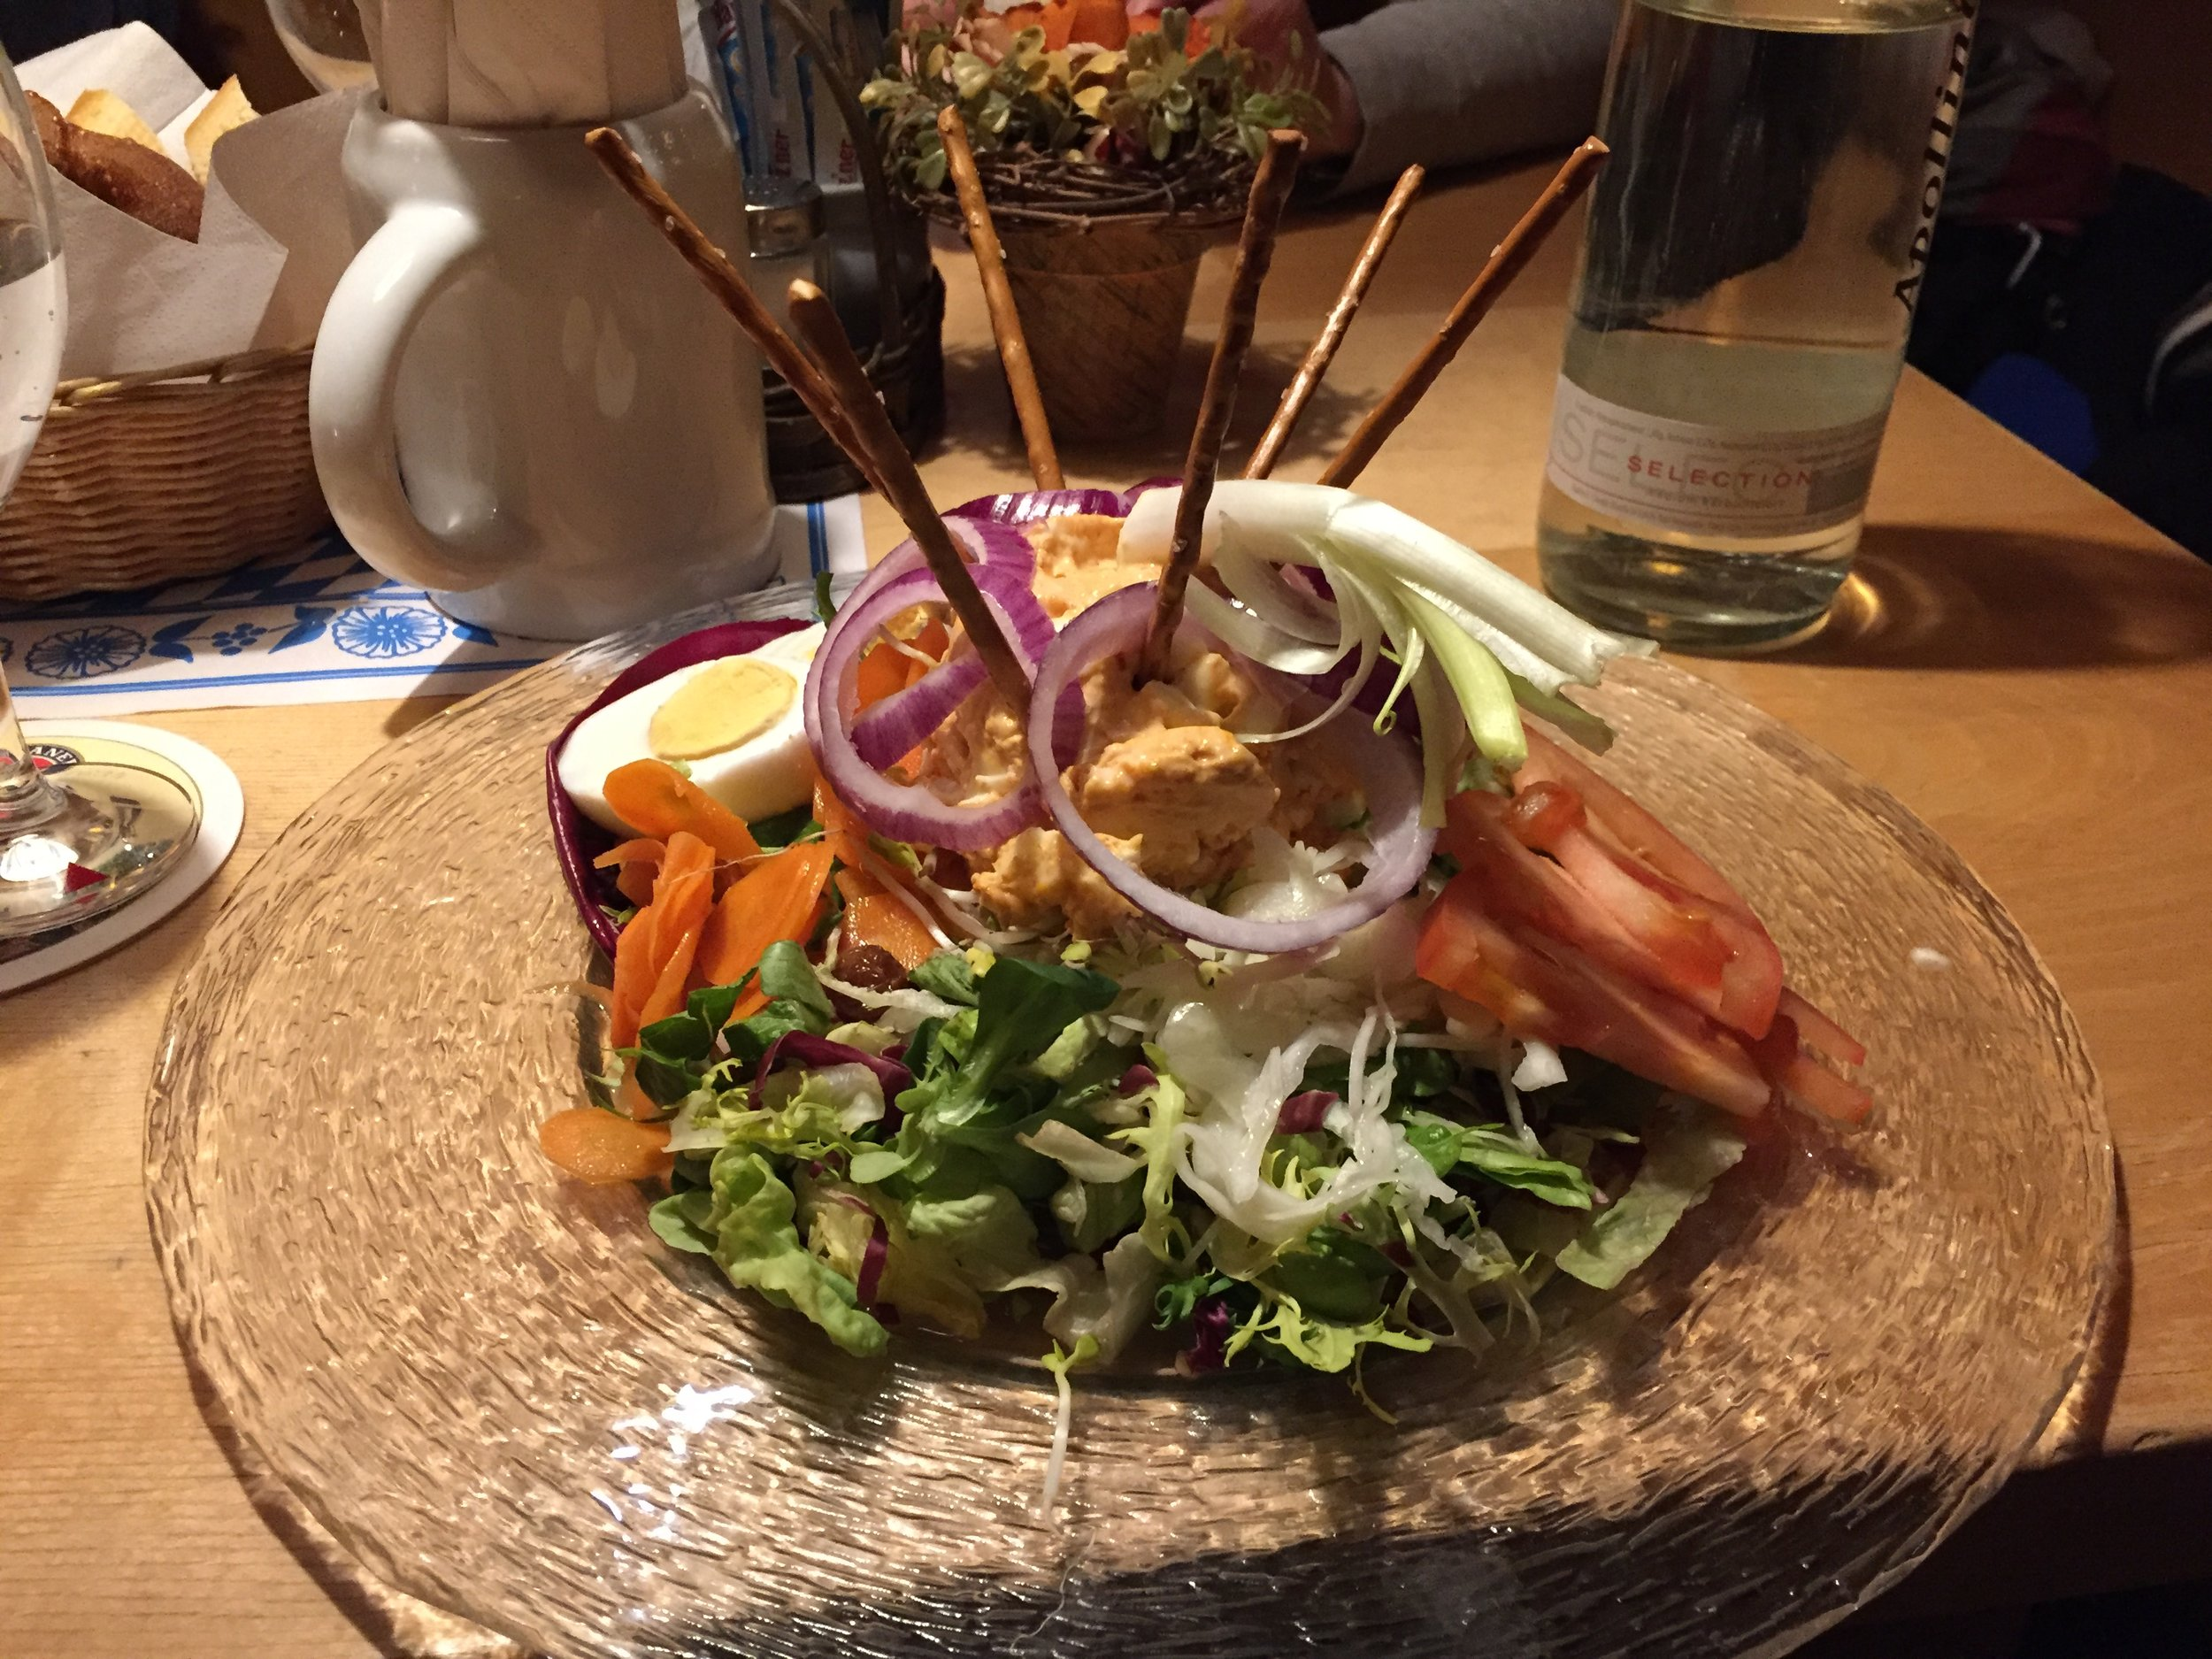 Salad Bavarian style for dinner